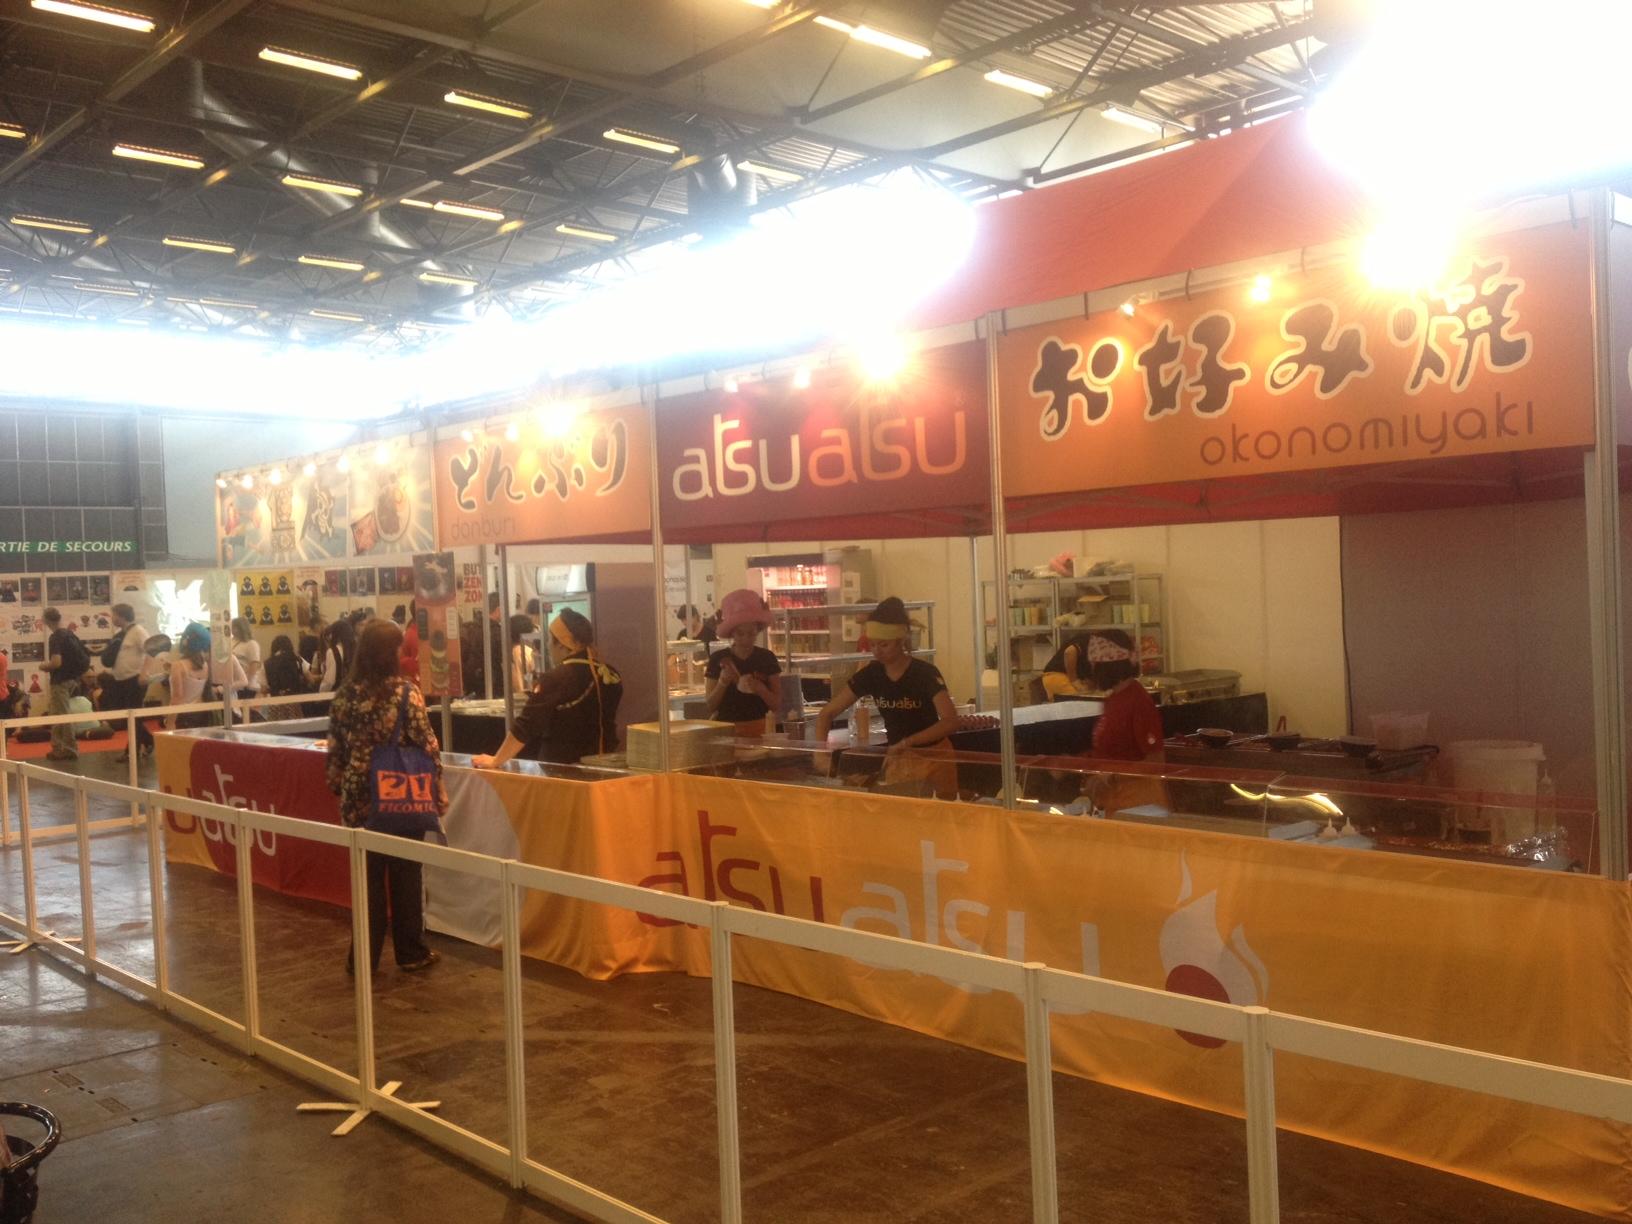 Atsu Atsu Japan Expo